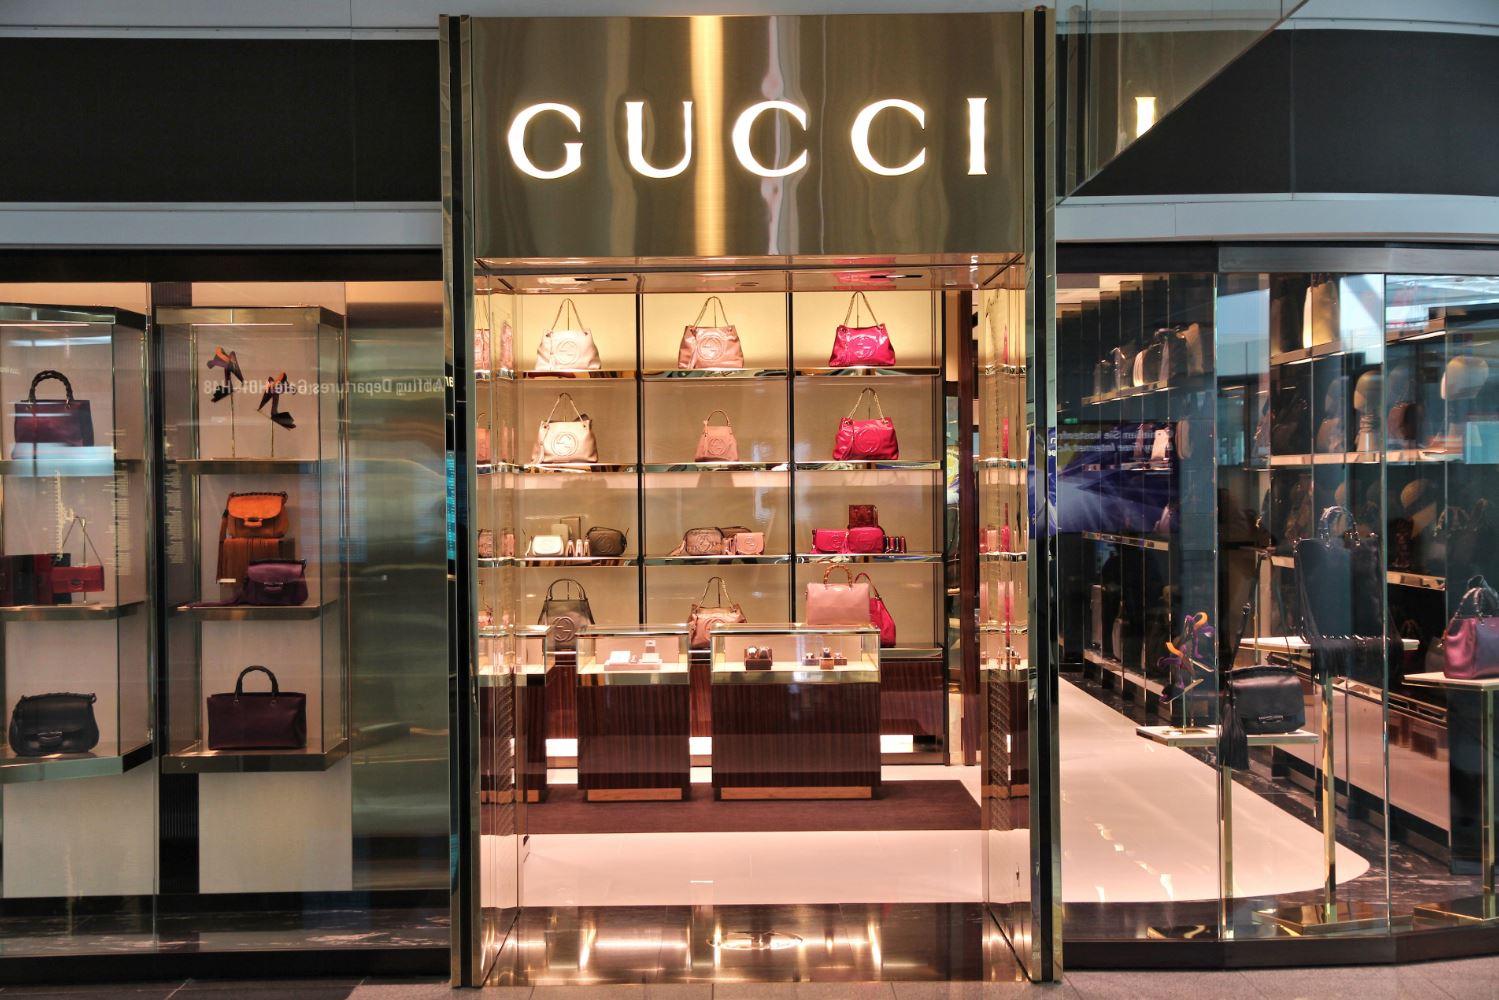 9e3726db033c3d Neben den 12 deutschen Gucci-Stores, könnt ihr im offiziellen  Gucci-Web-Shop sowie einigen ausgewählten Online-Händlern einkaufen.